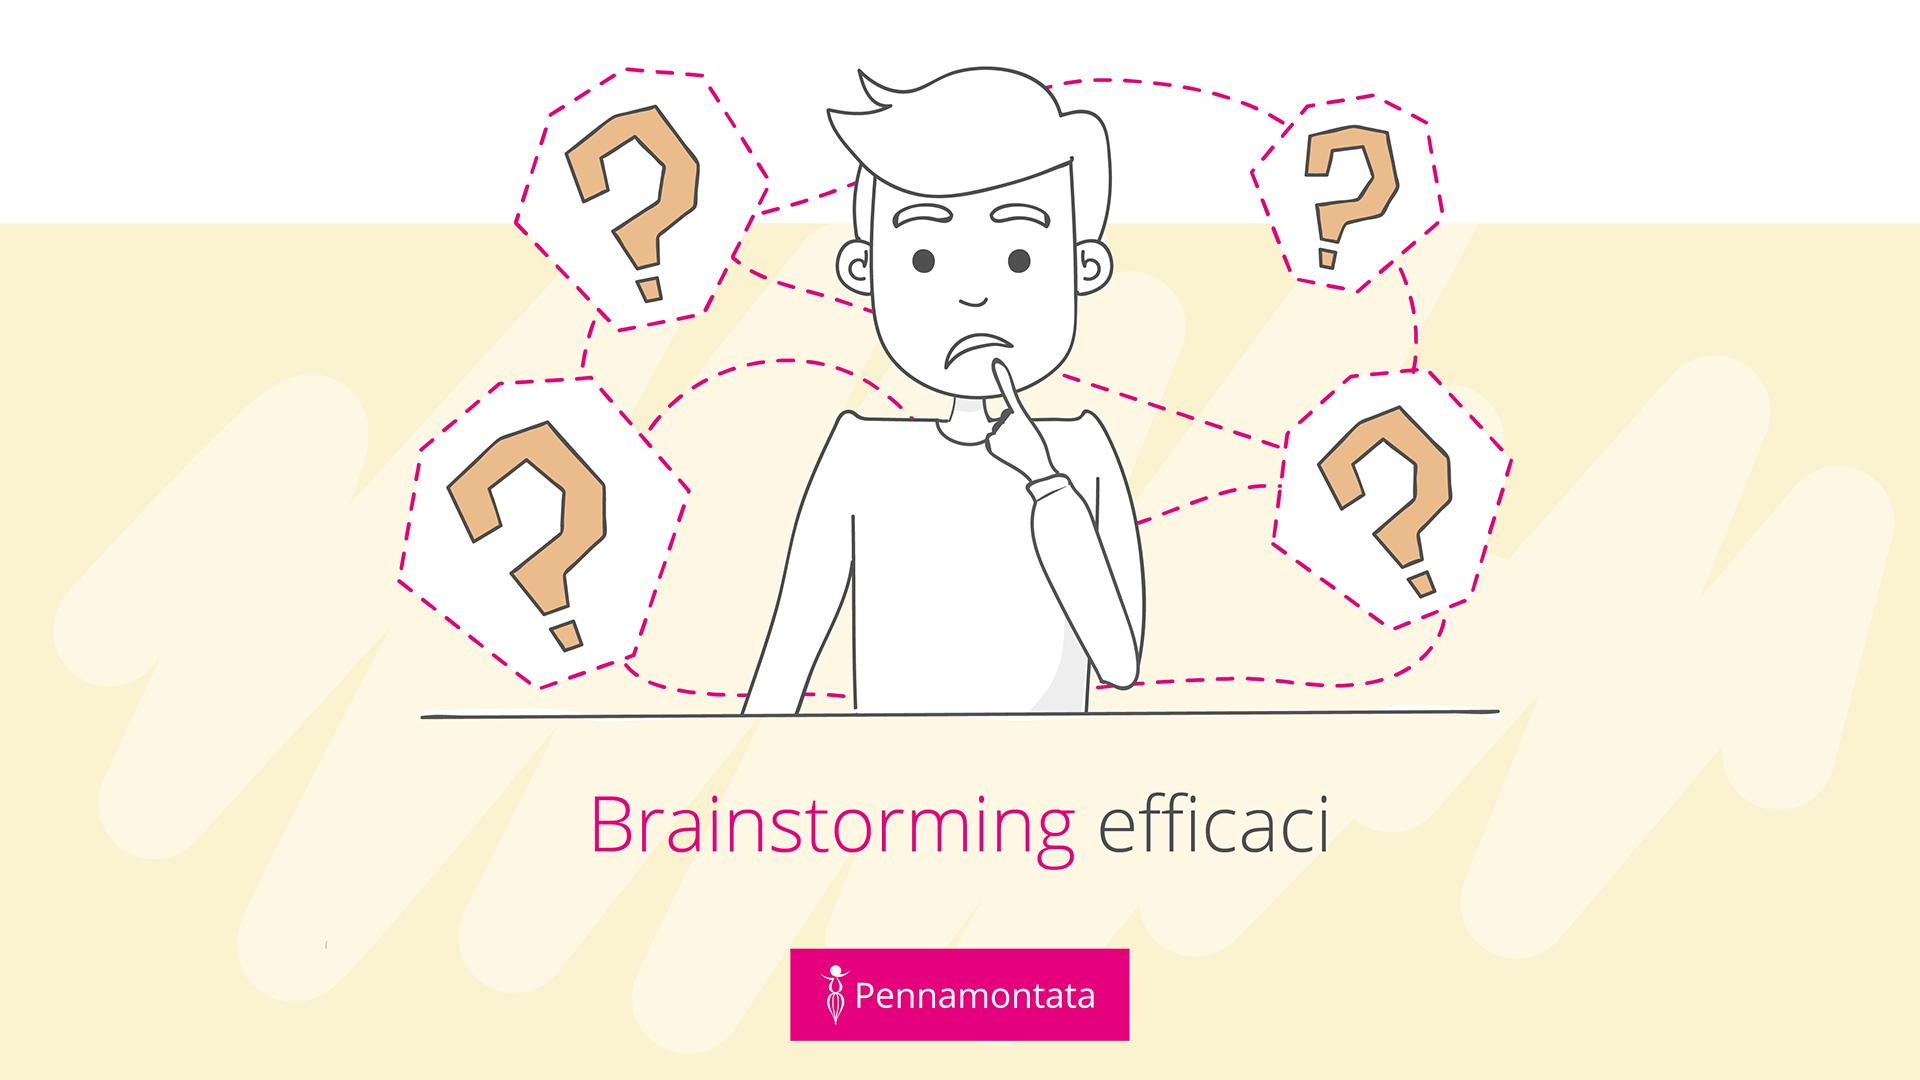 Brainstorming efficaci: concentrati sulle domande, non sulle risposte.